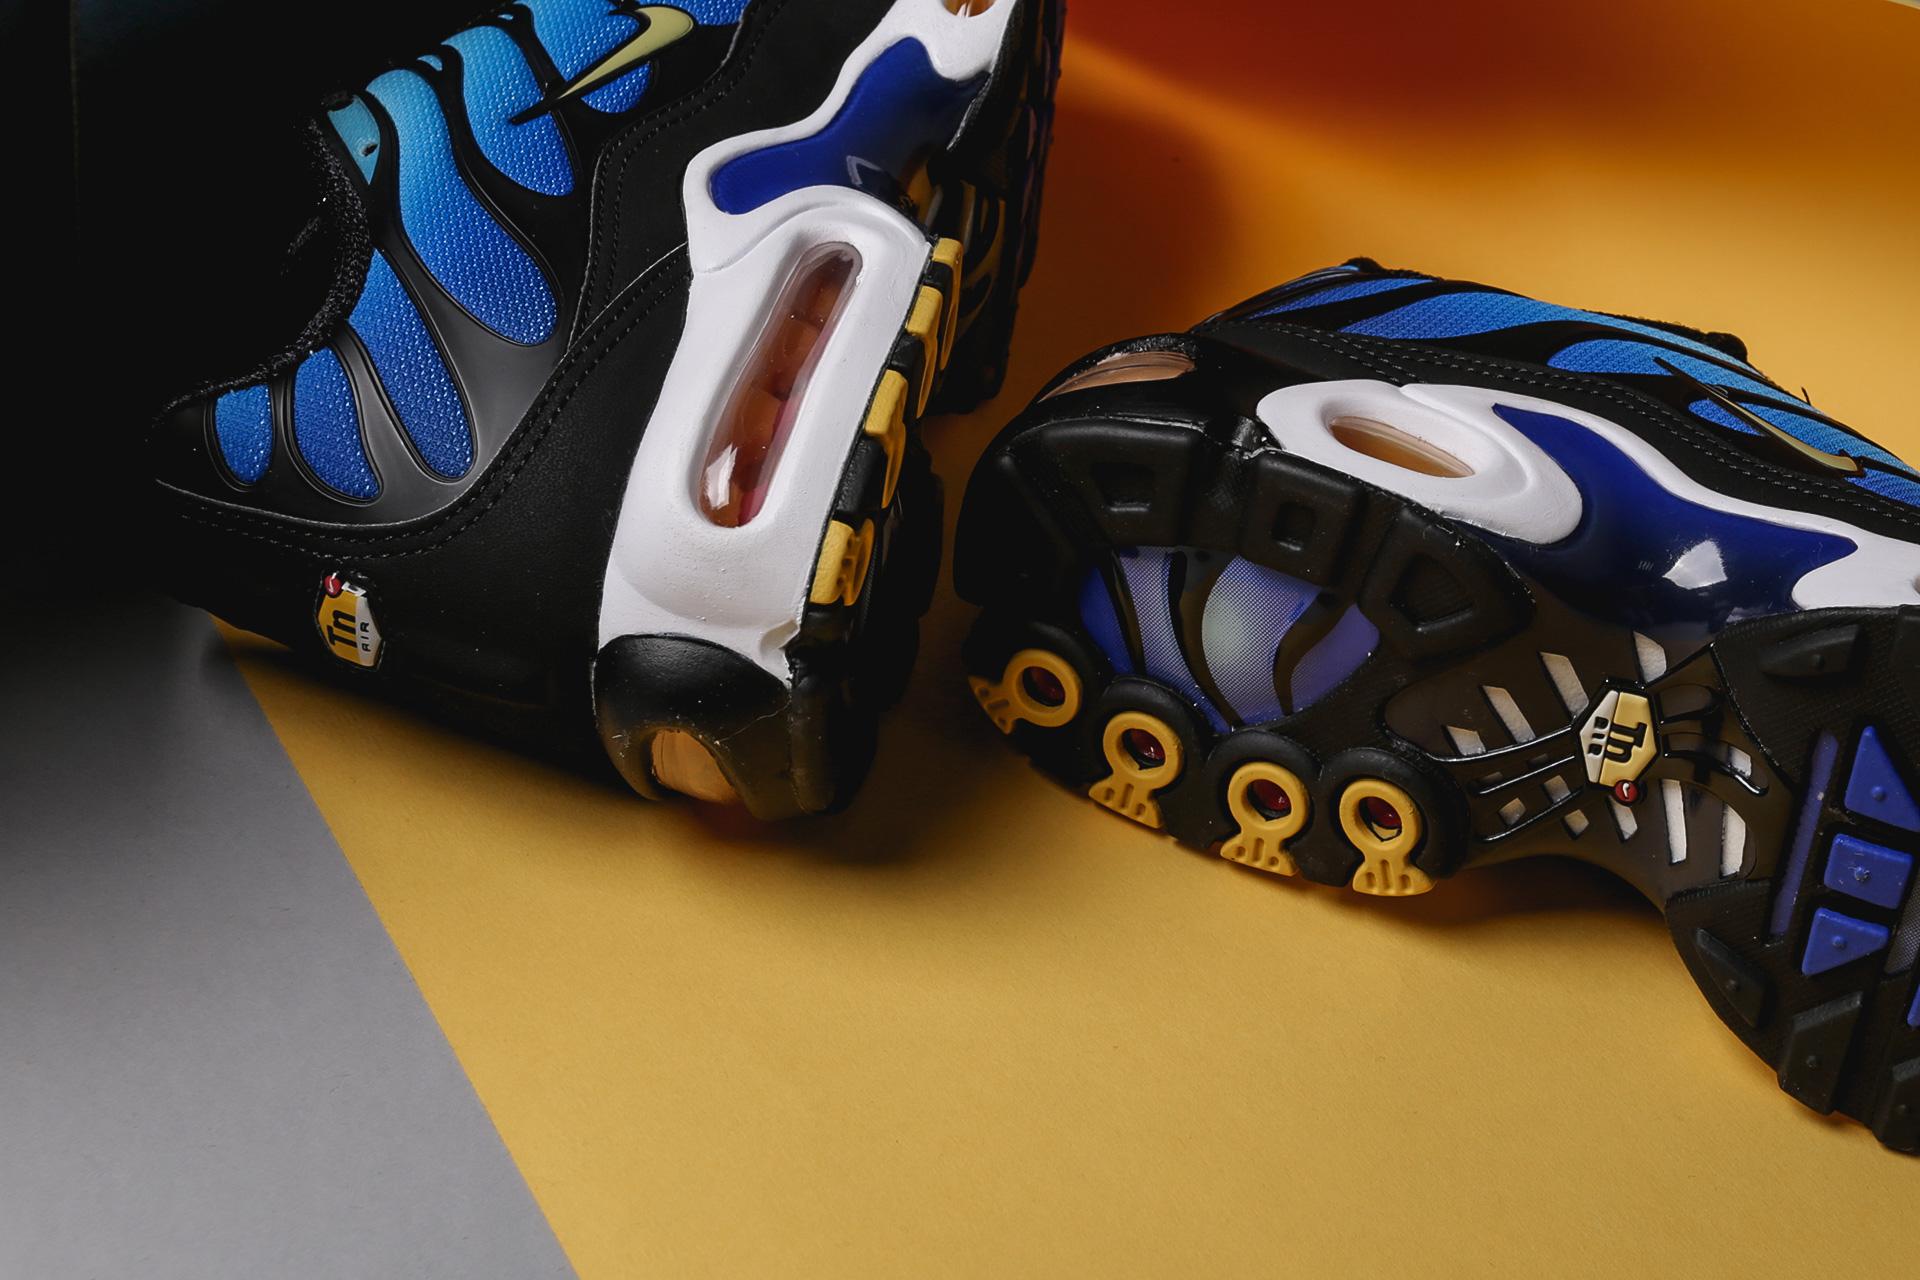 8ed3af9e07e231 ... Купить мужские синие кроссовки Nike Air Max Plus OG - фото 3 картинки  ...